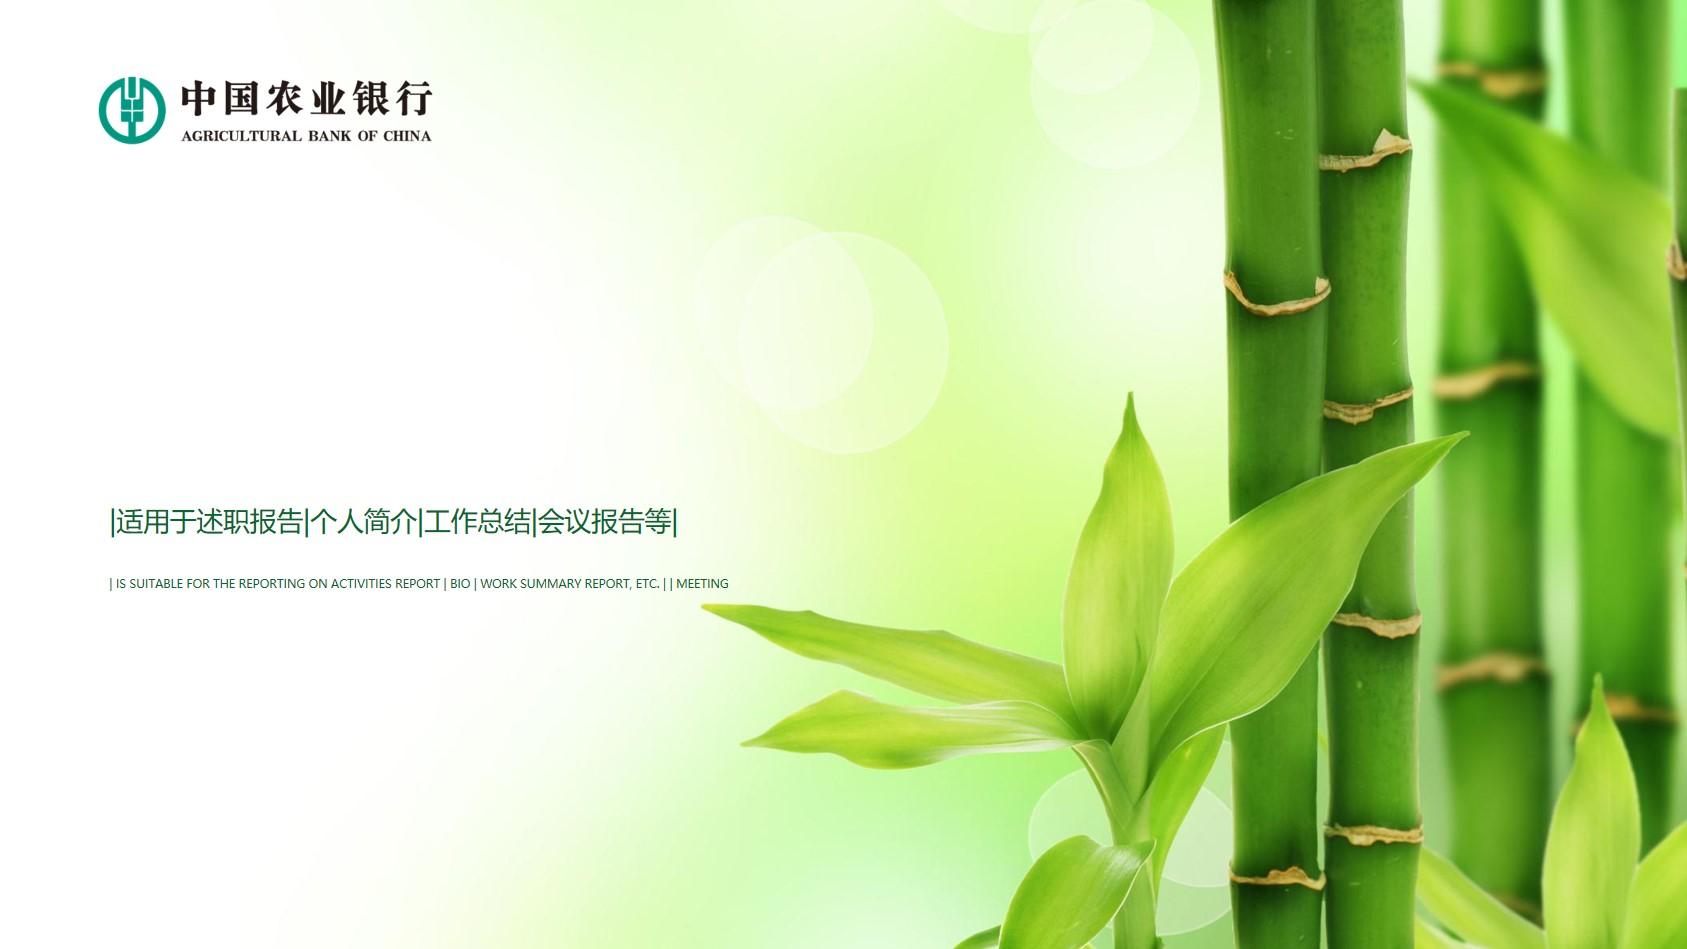 绿色竹子背景的农业银行工作汇报PPT模板